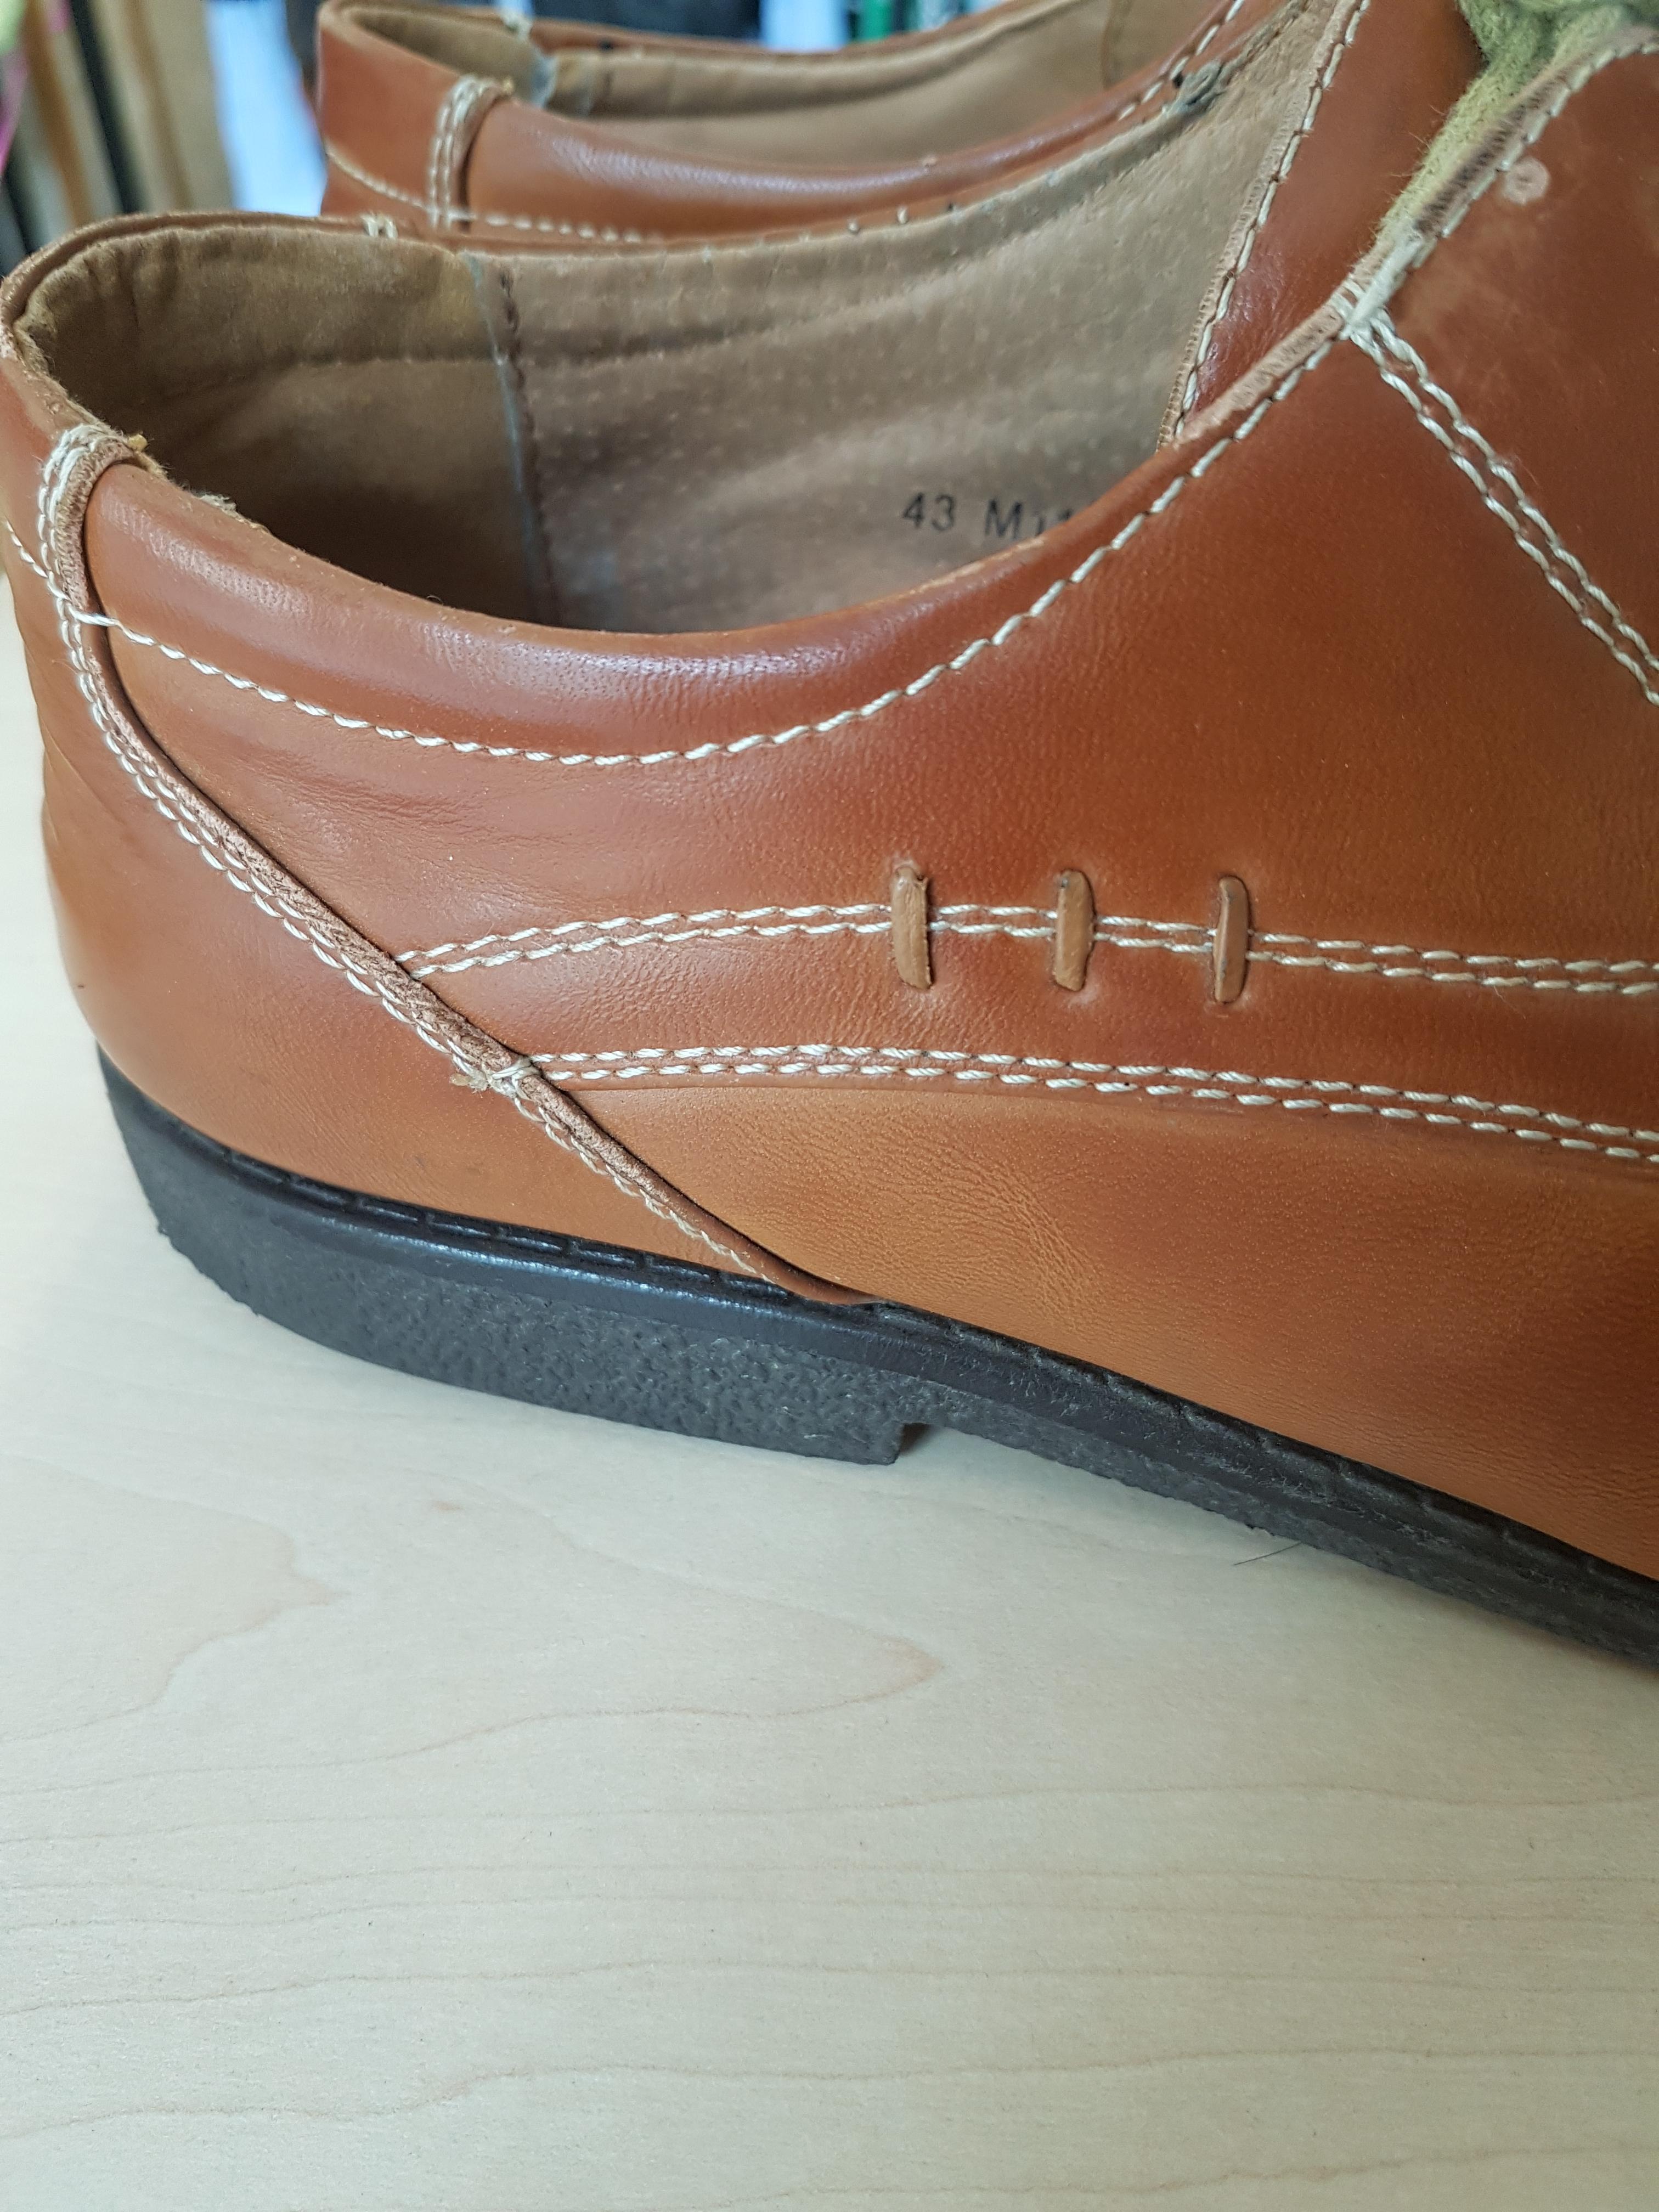 Vyriški rudi klasikiniai batai, Vapiano, iš šono